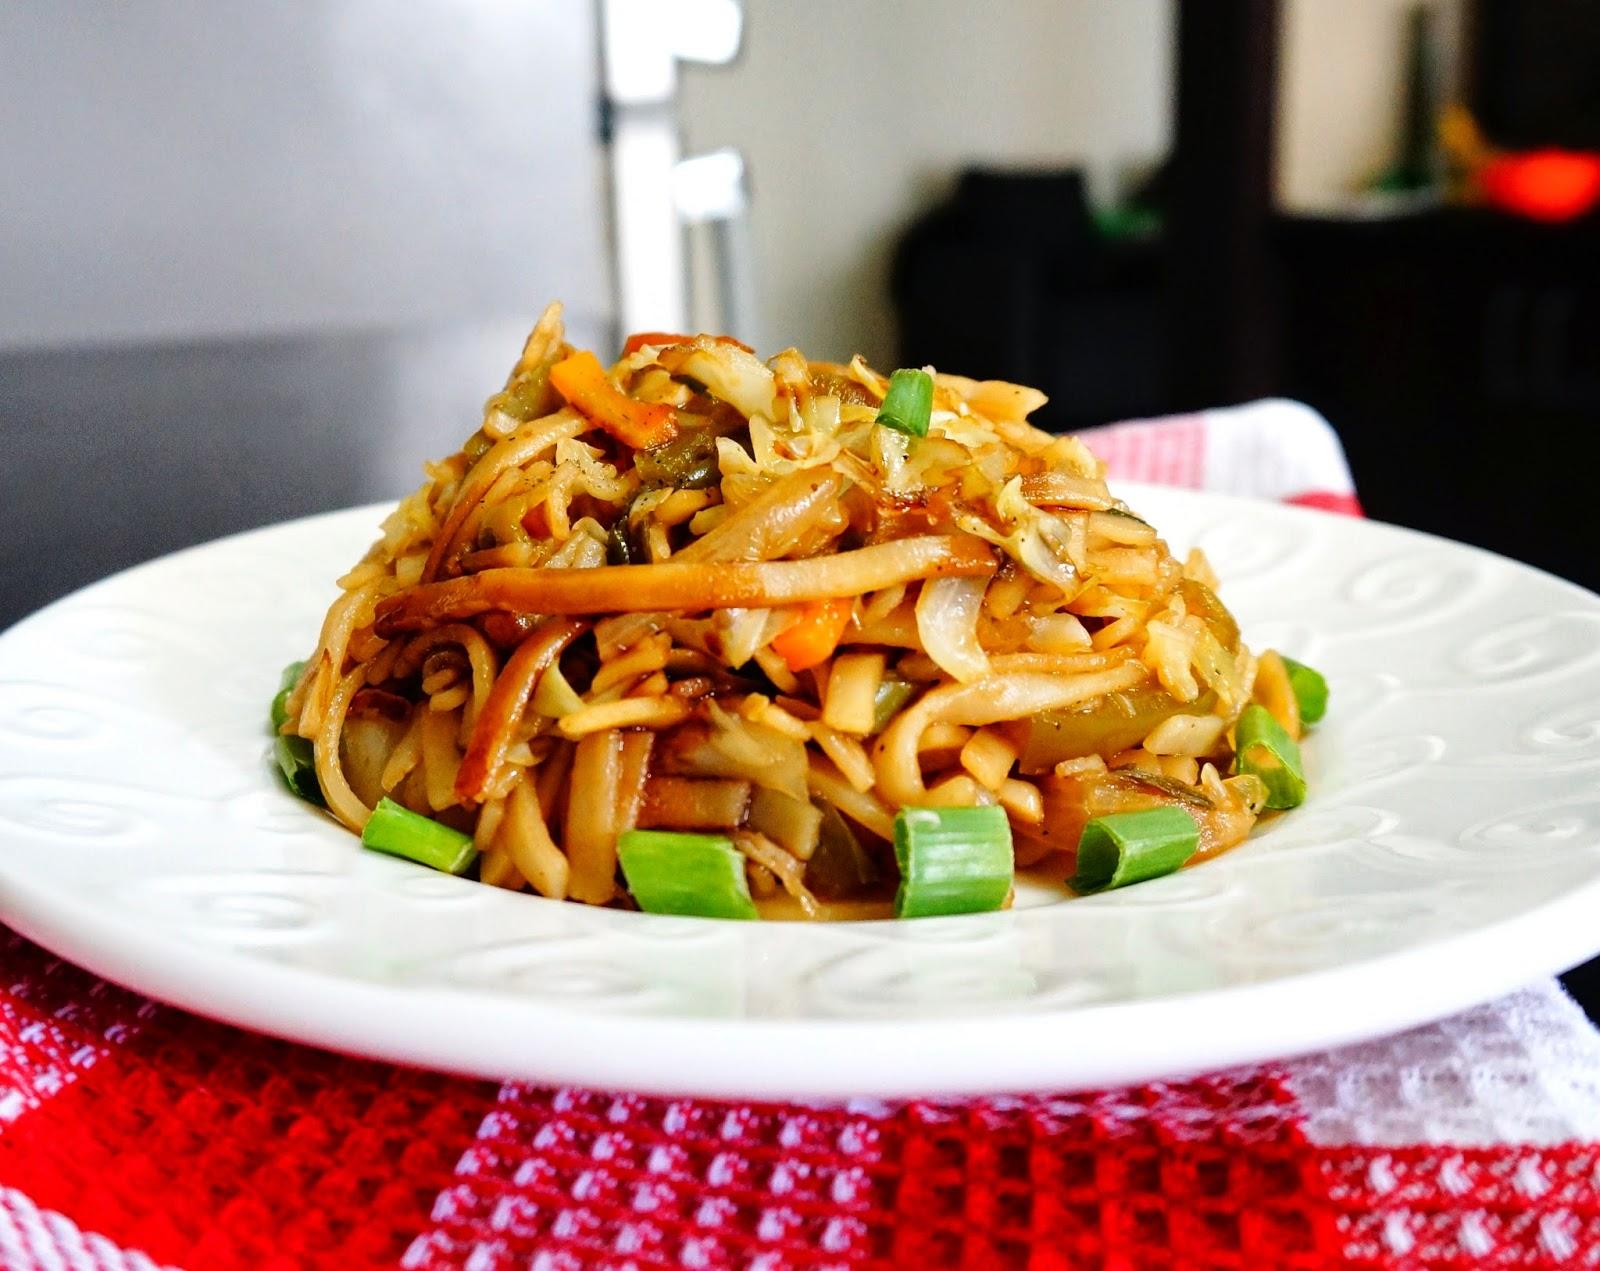 Scrumptious indian recipes recipe of thai rice vegetable noodles rice noodles thai vegetable noodles rice vegetable noodlespastaindian vegetarian forumfinder Images